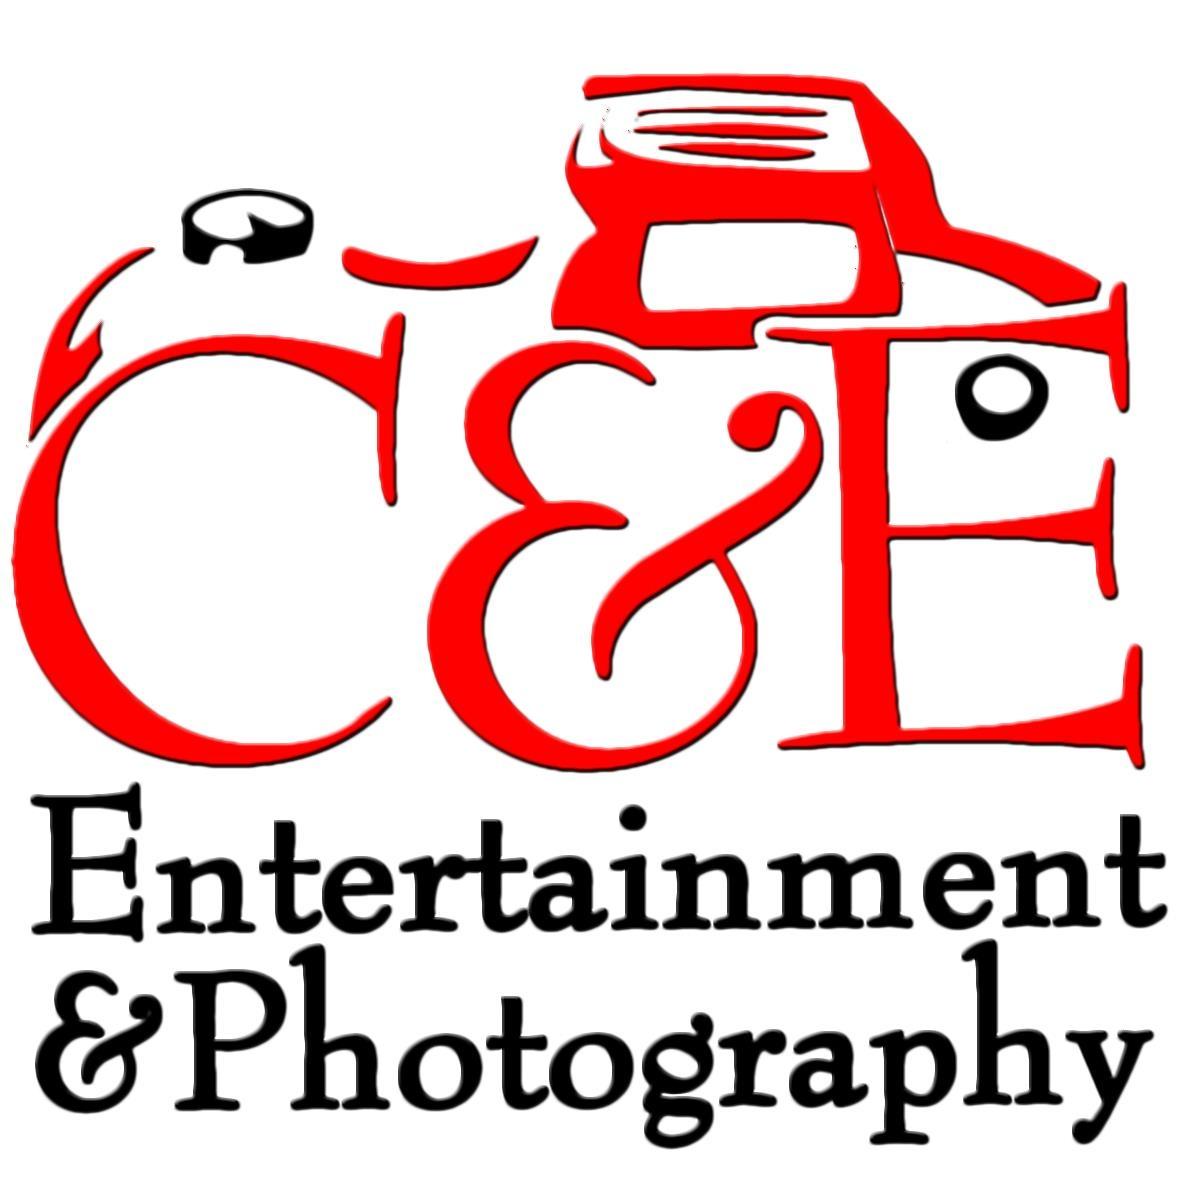 C & E Photography